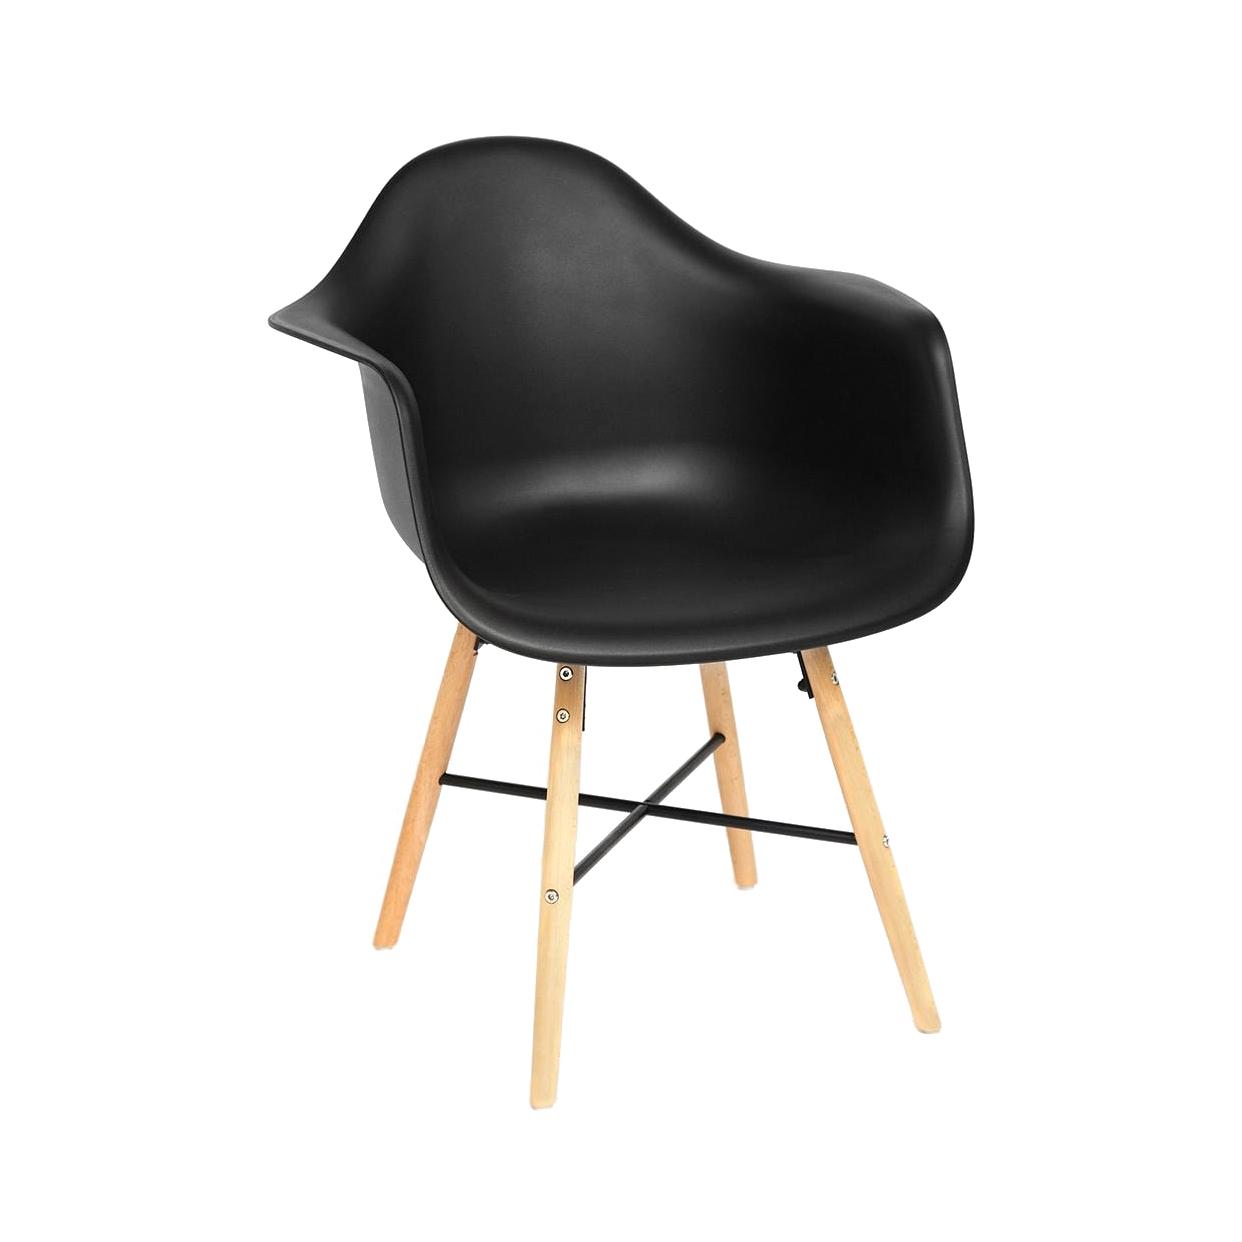 Кресло SDM чёрное 61х60х82 см